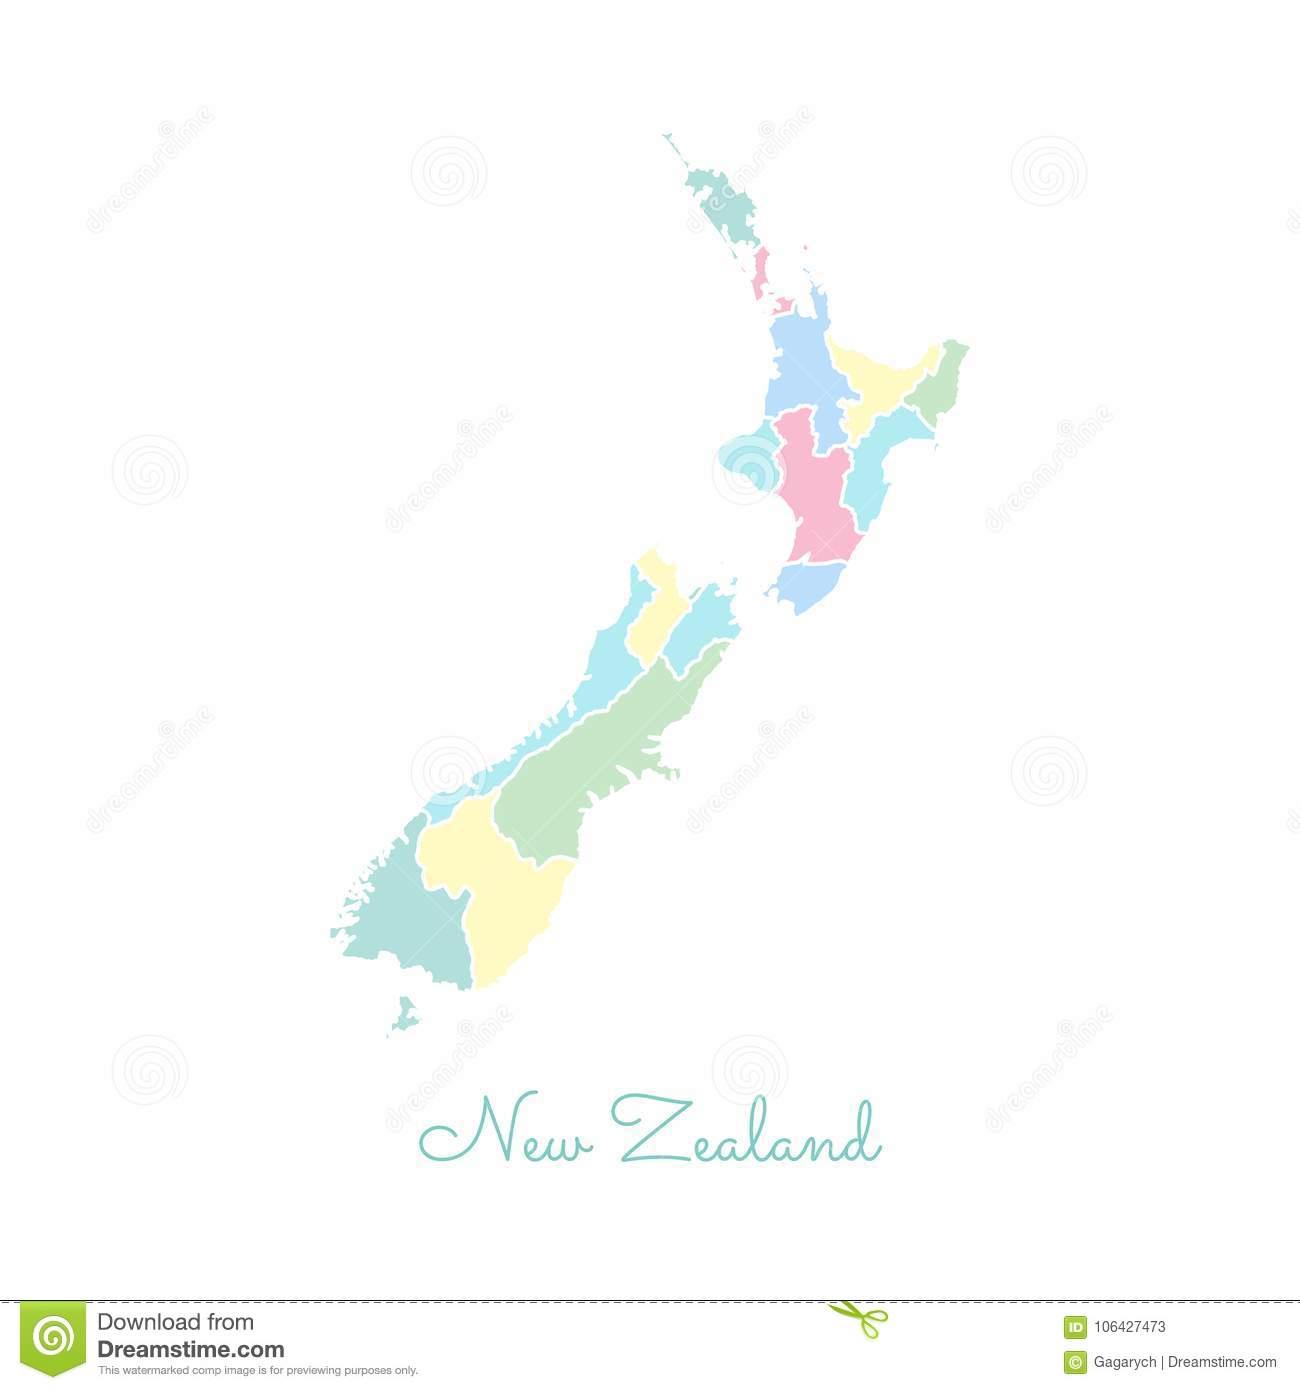 Carte De Région Du Nouvelle-Zélande : Coloré Avec Le Blanc destiné Nouvelle Carte Region